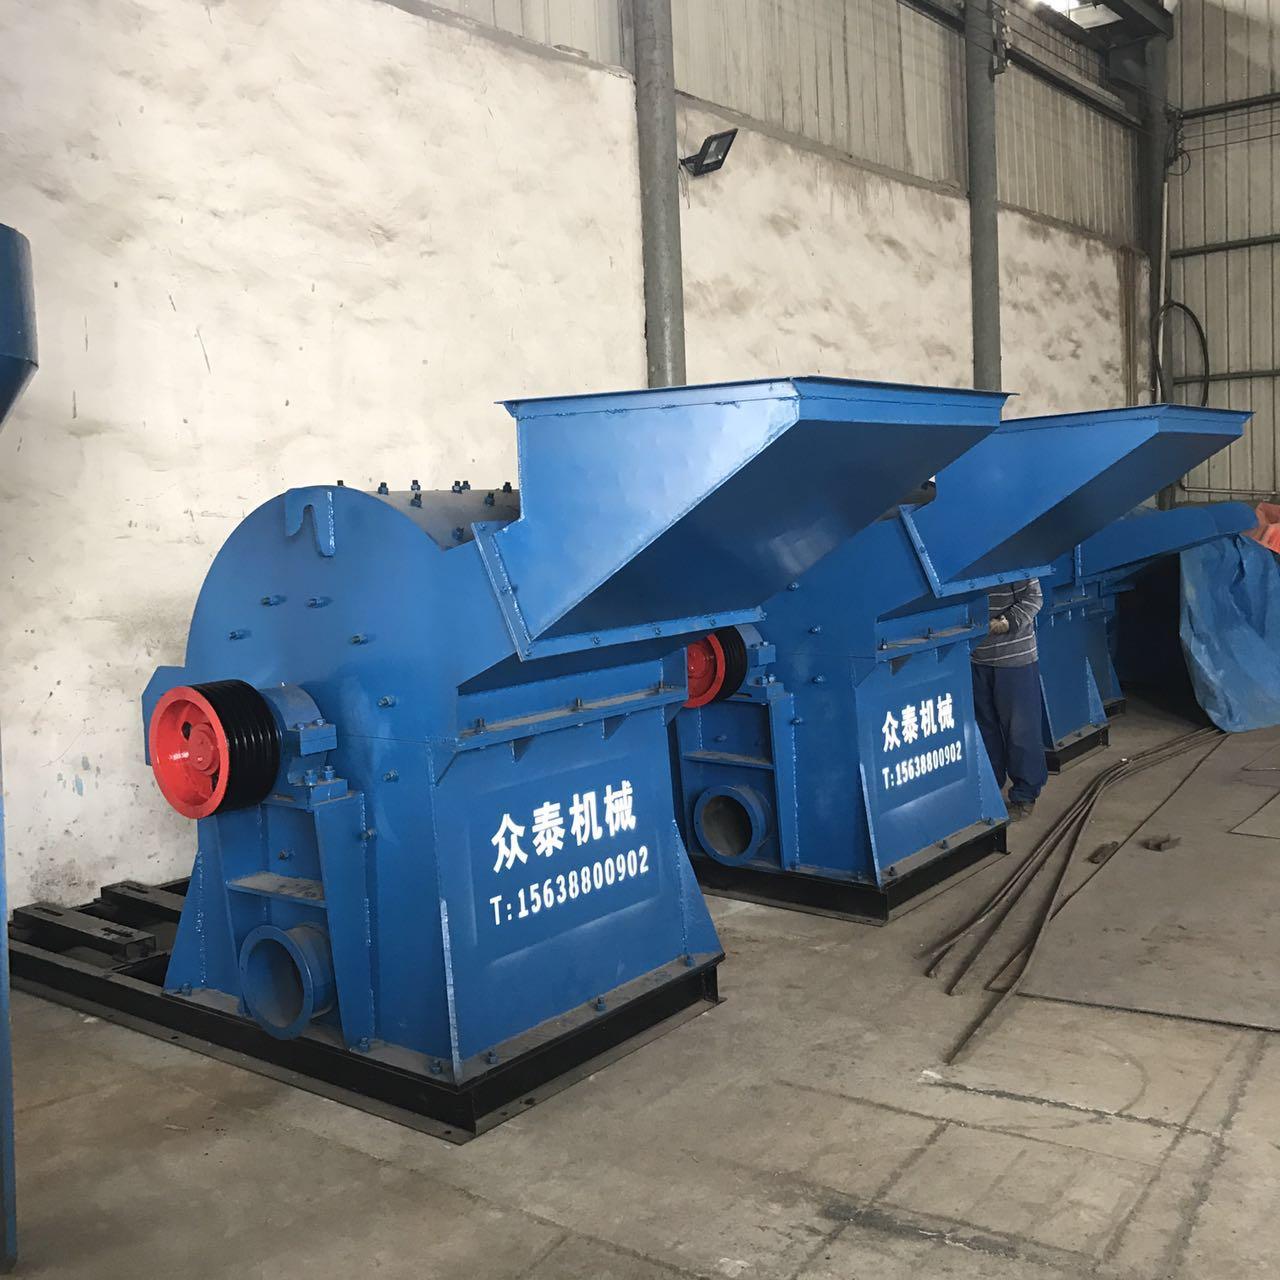 优质木材粉碎机设备推荐到众泰机械|众泰木材粉碎机品质高应用范围广